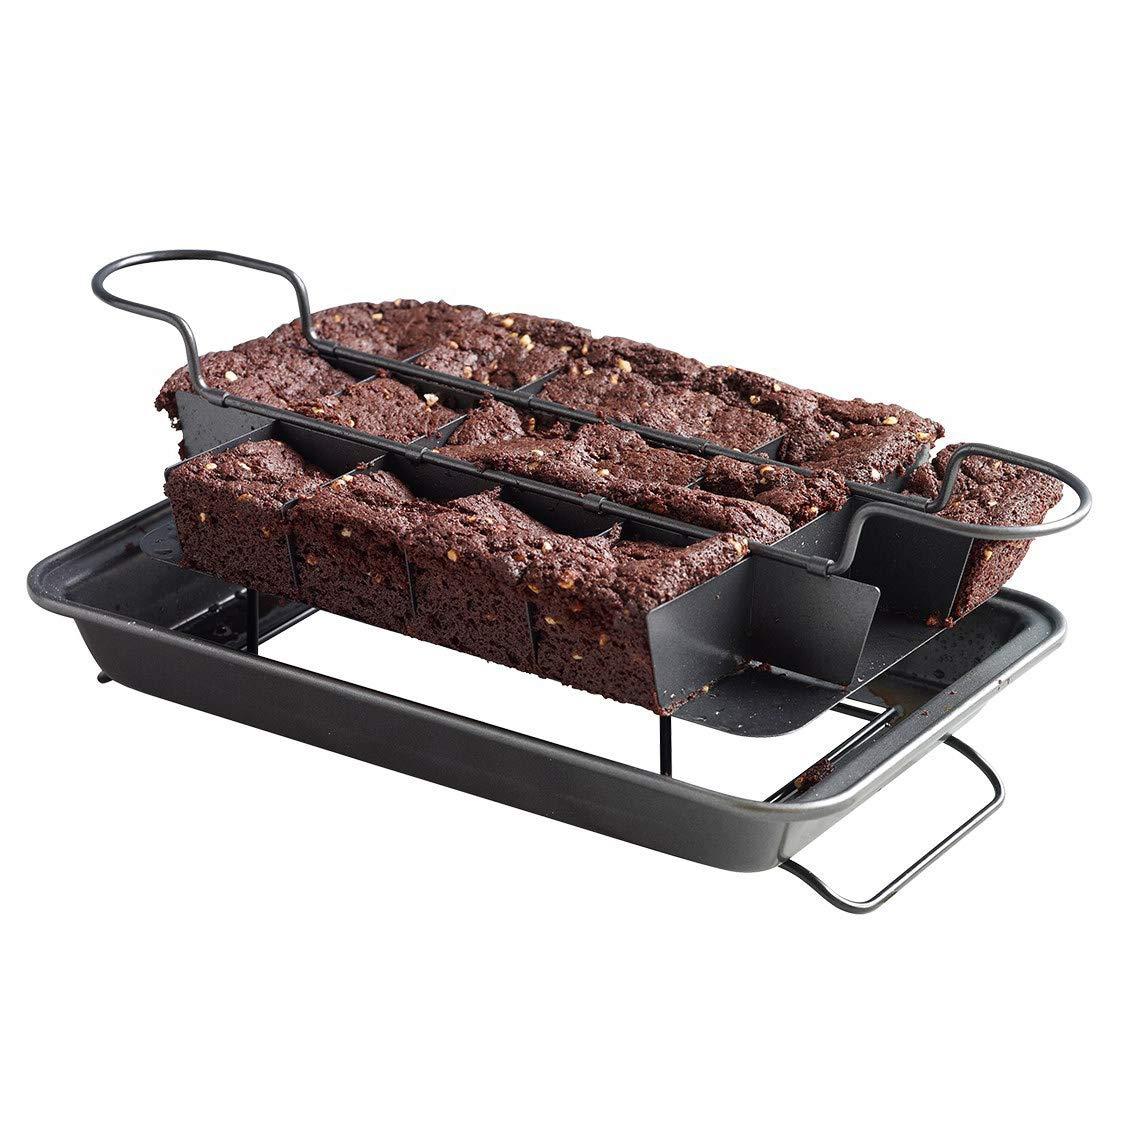 Kingrol Nonstick Brownie Pan, Baking Pan with Built-In Slicer & Rack